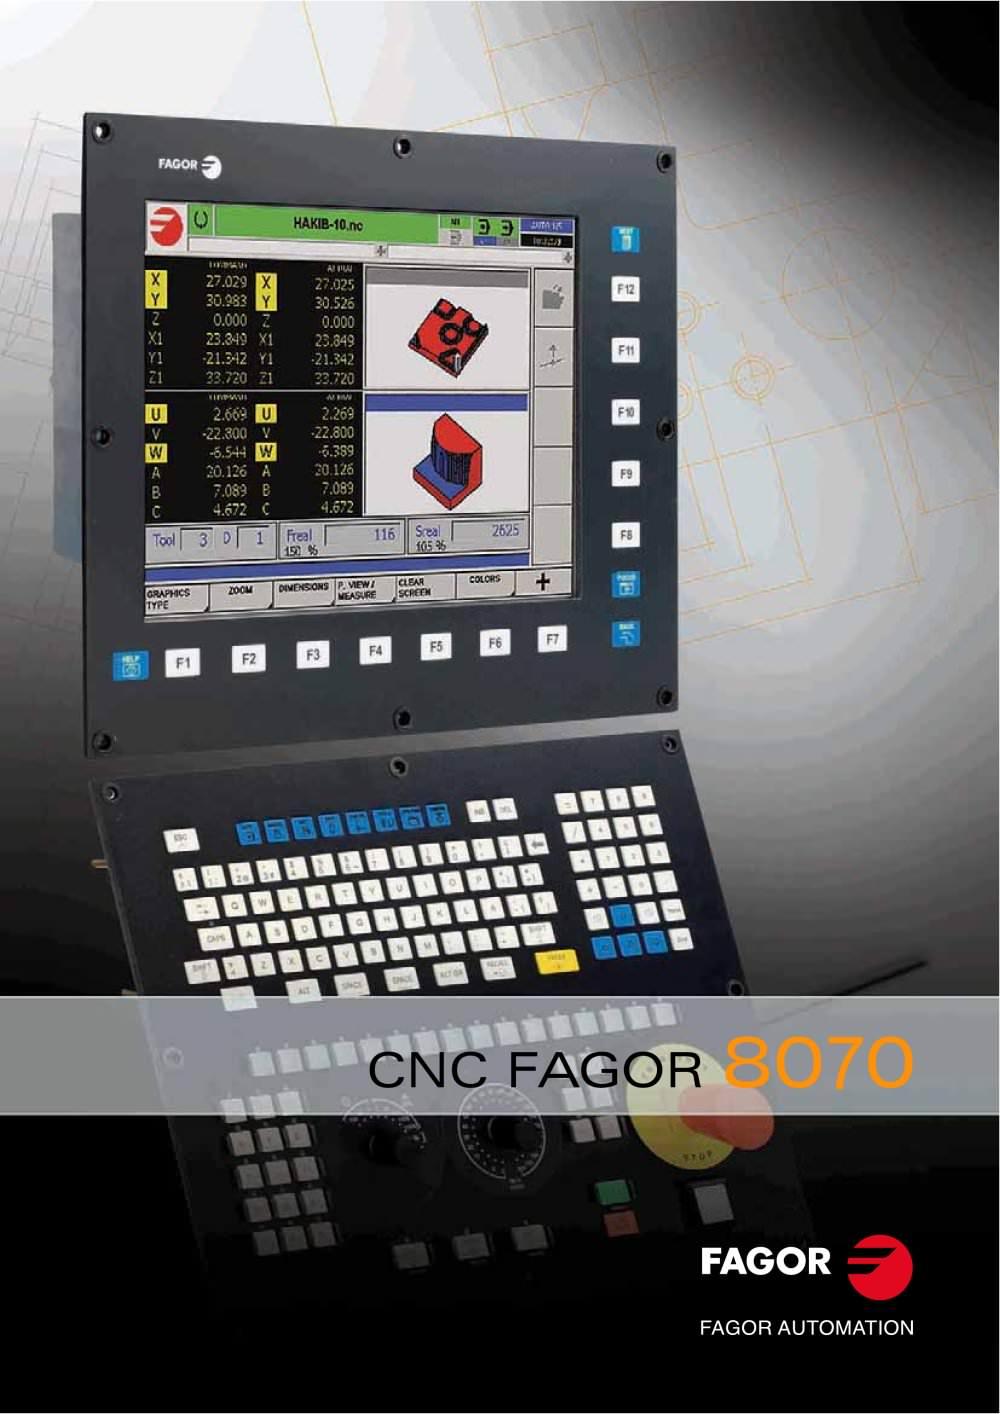 CNC 8070 - 1 / 17 Pages